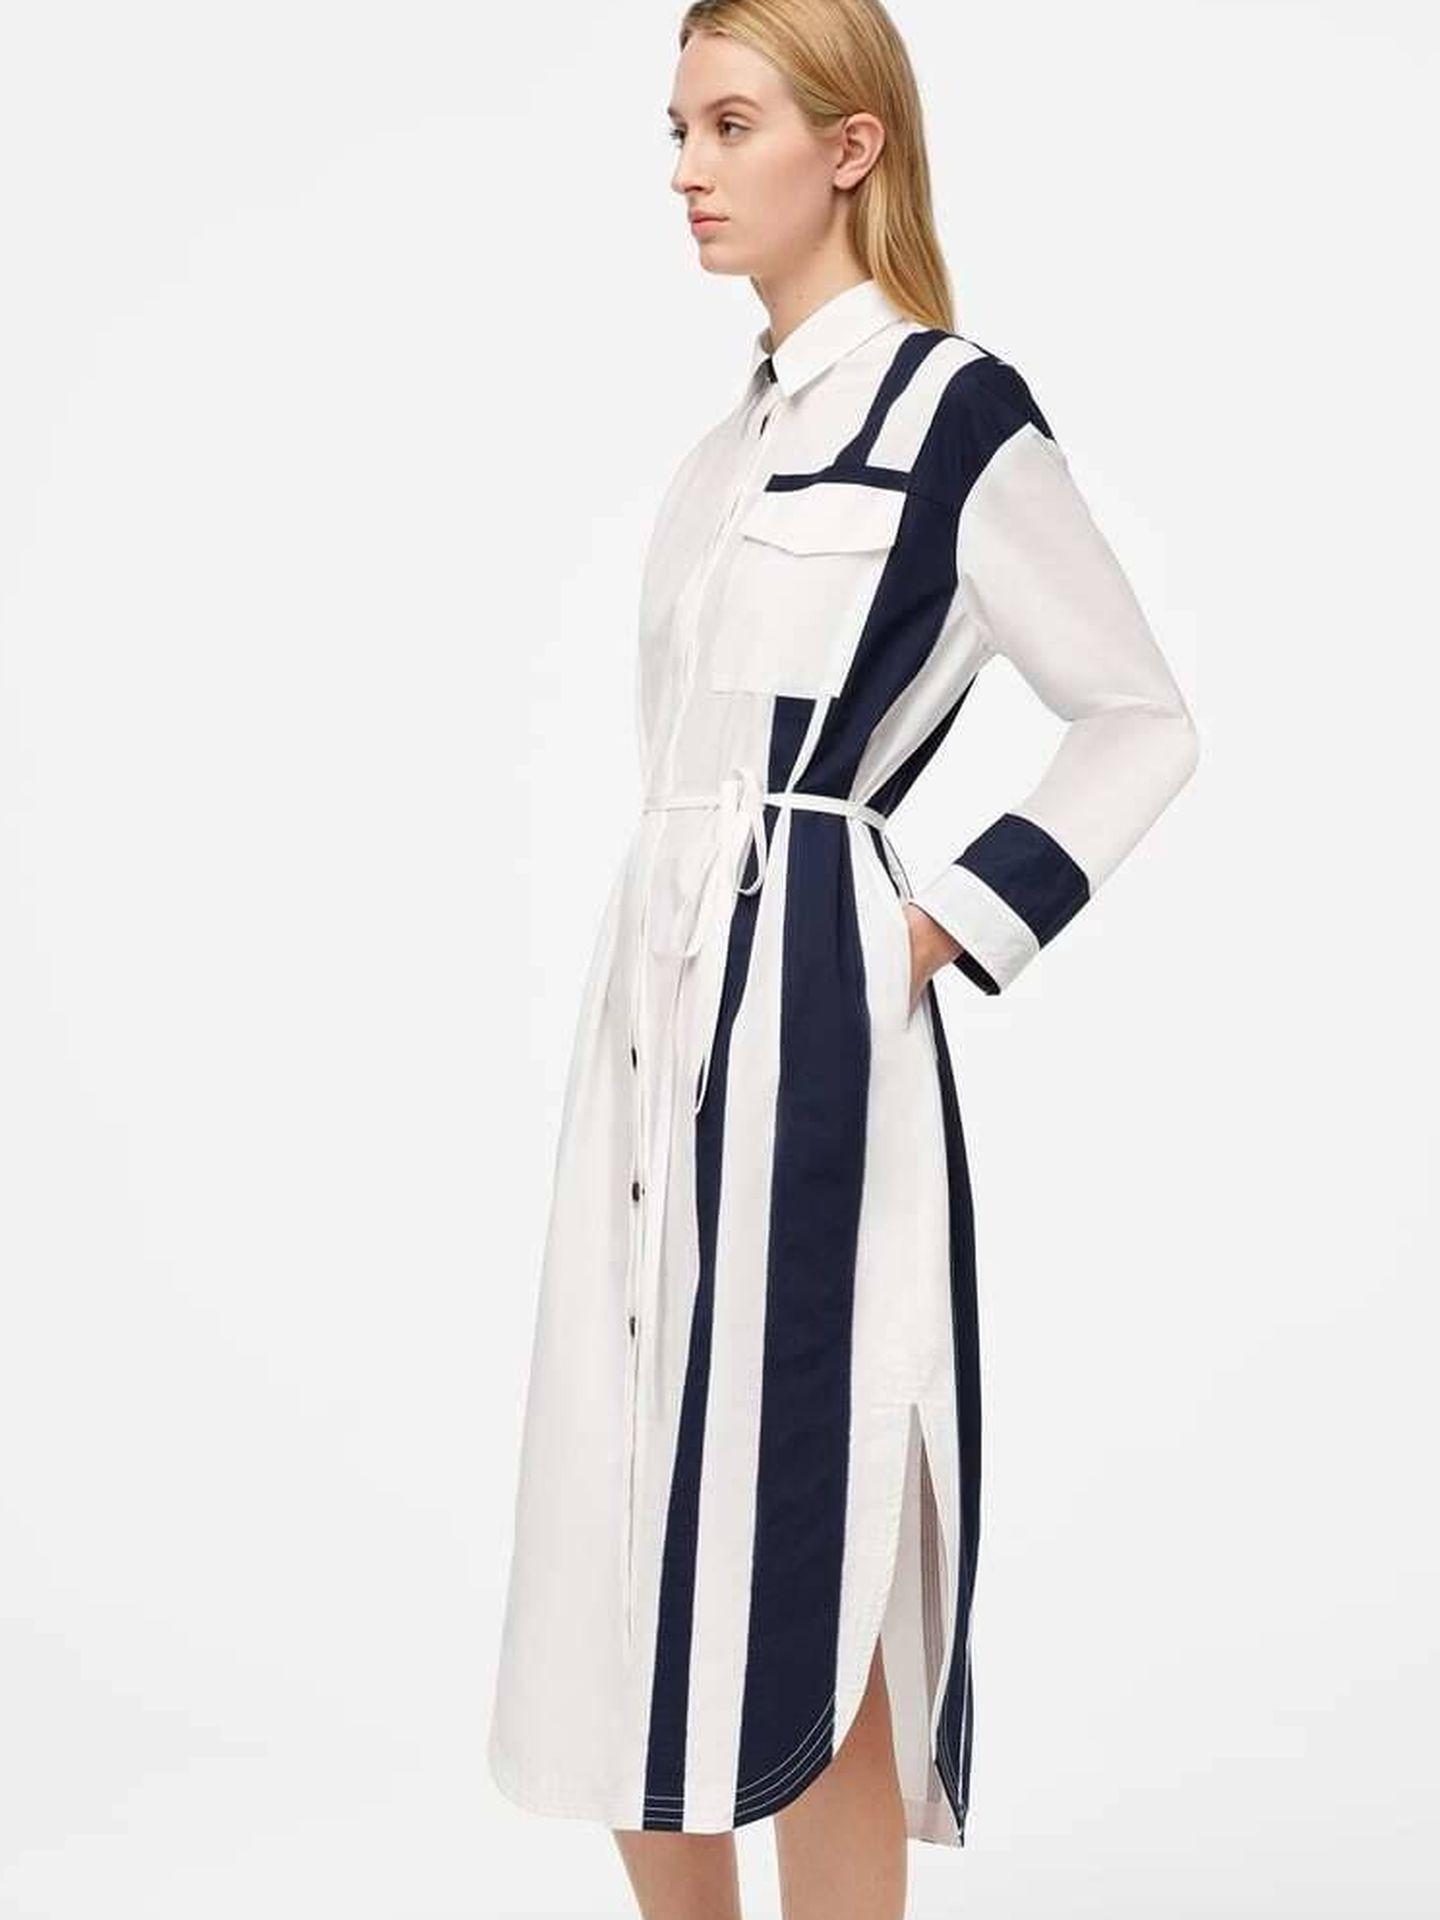 Vestido de Zara SRLPS. (Cortesía)